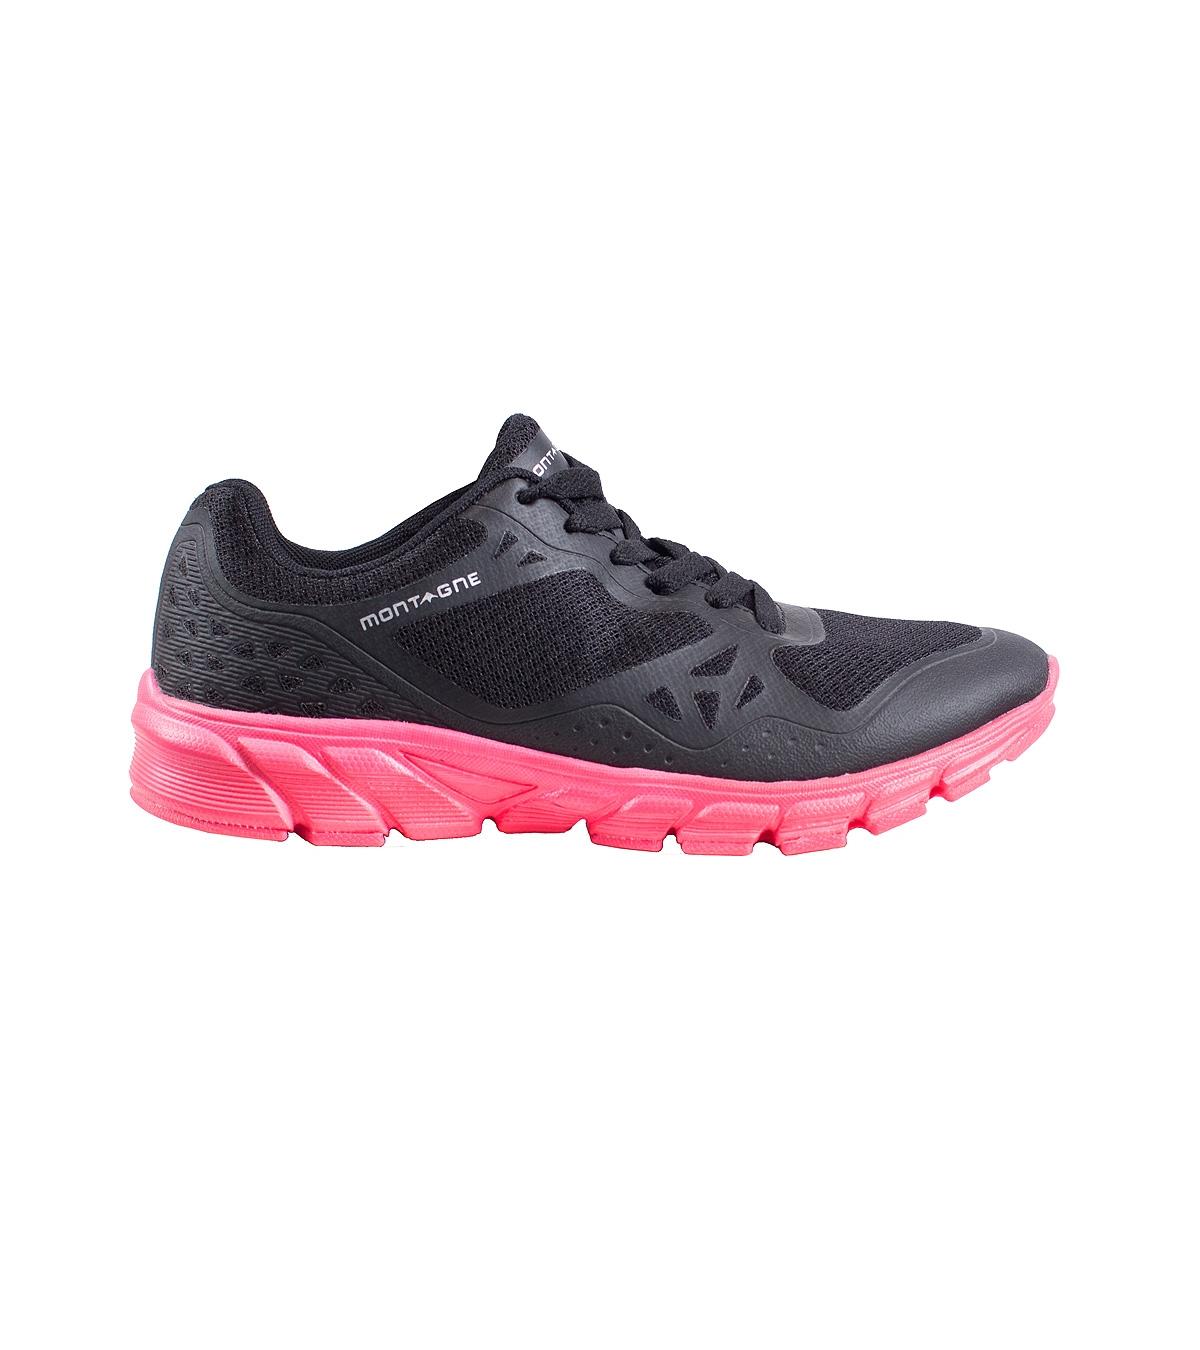 Zapatillas de running de mujer Accelerate